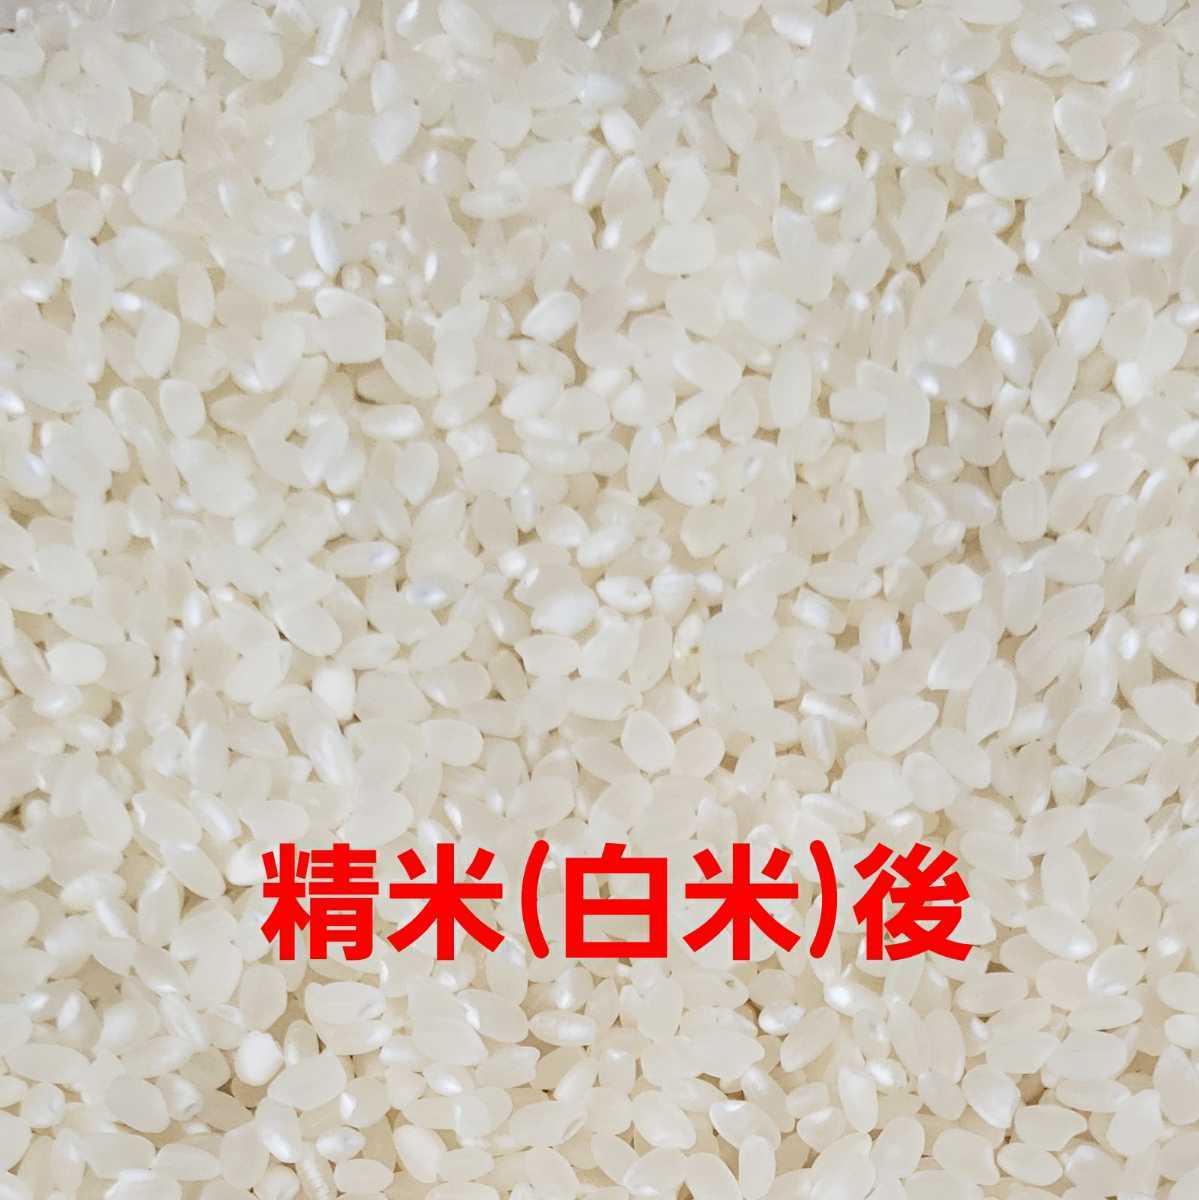 送料込み 令和3年産 高知県産 コシヒカリ玄米5㎏(袋込み)_画像6